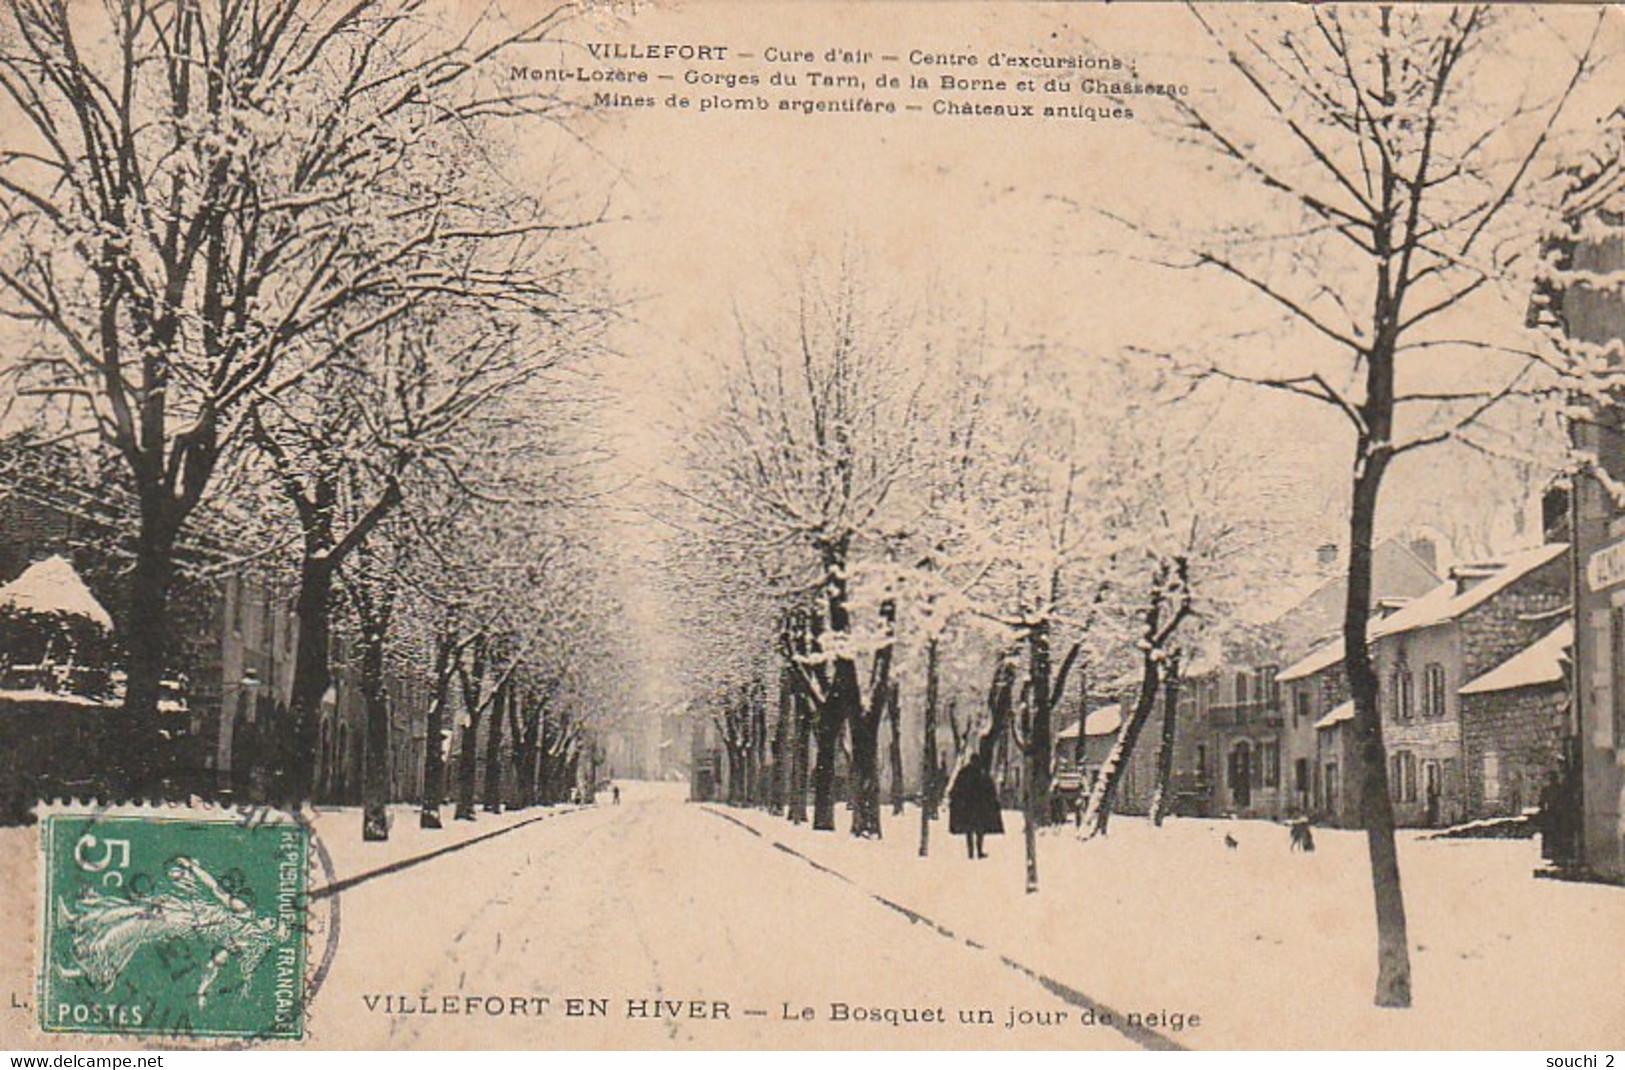 ZA 10-(48) VILLEFORT EN HIVER - LE BOSQUET UN JOUR DE NEIGE - 2 SCANS - Villefort